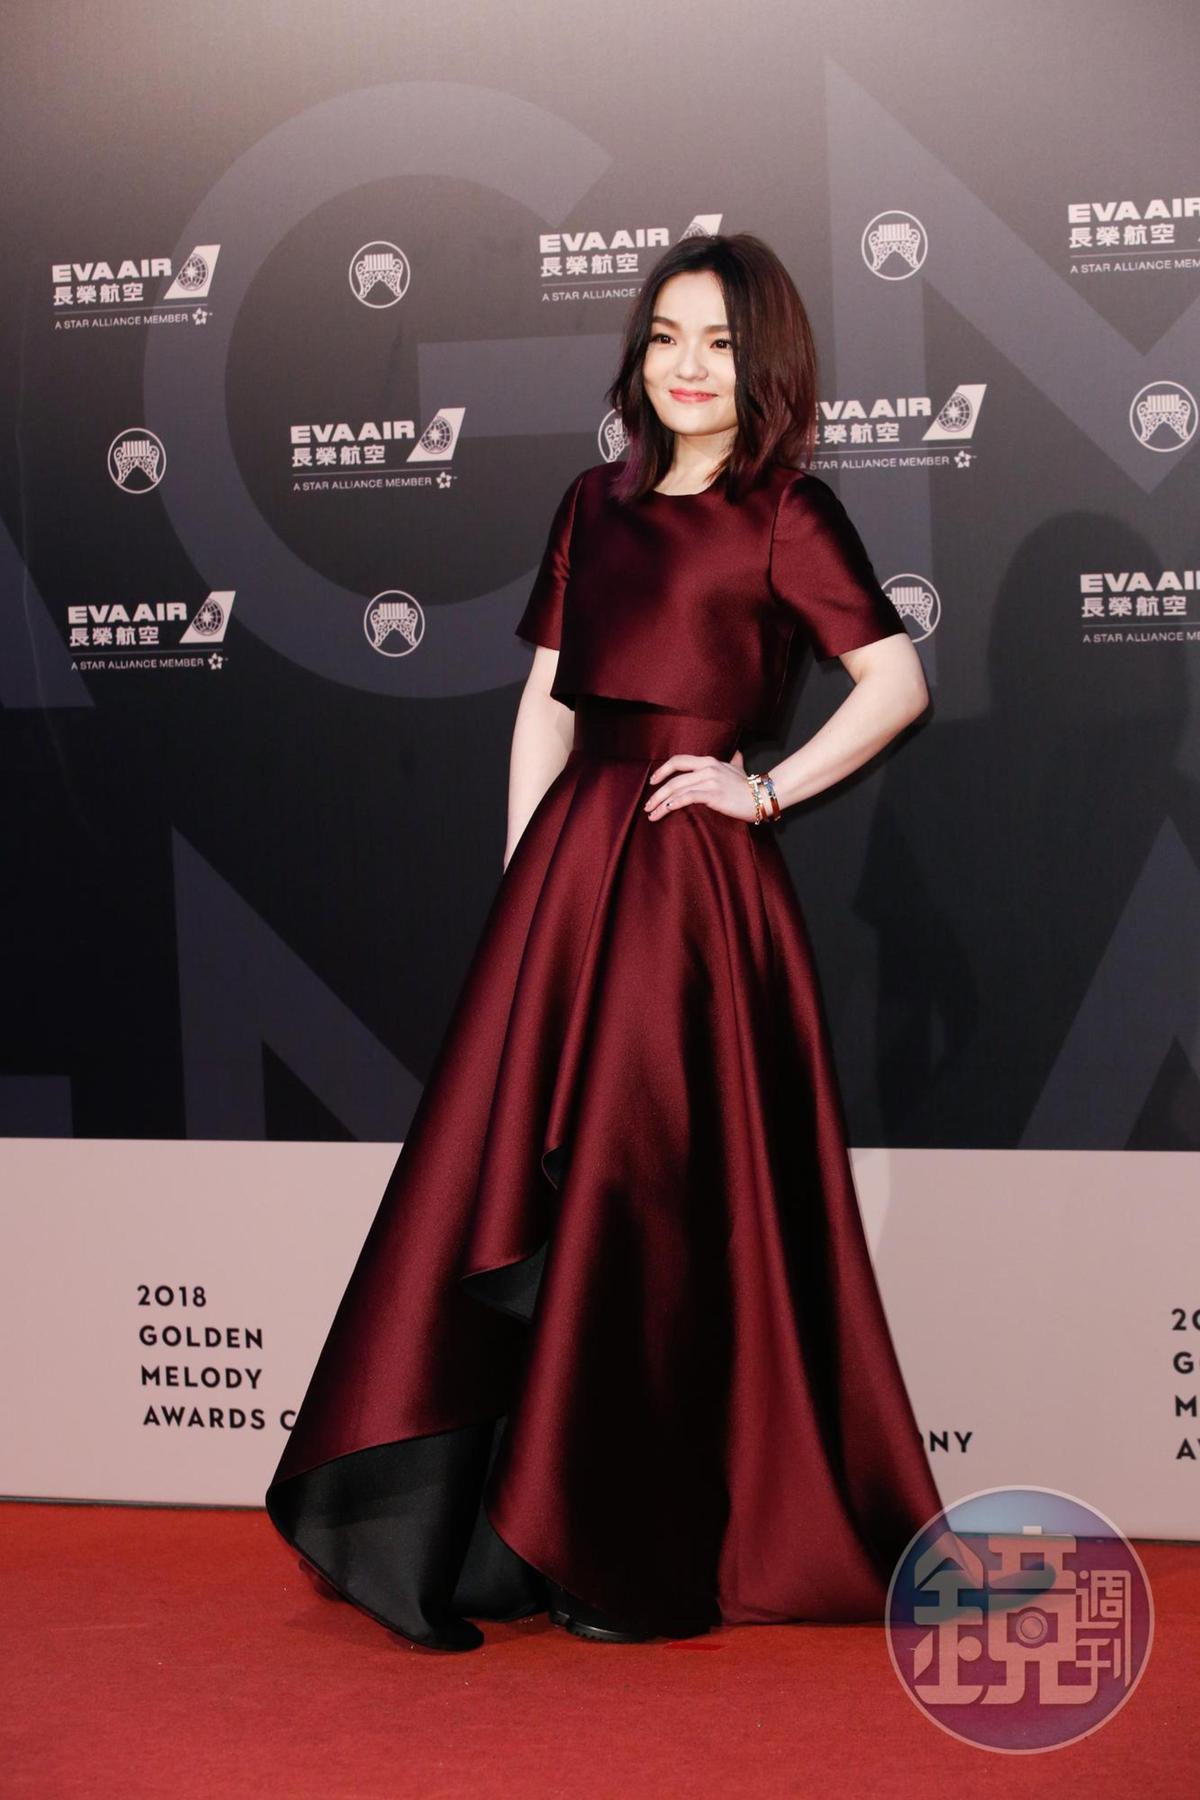 徐佳瑩穿上Jason Wu禮服,人也瘦了一圈。